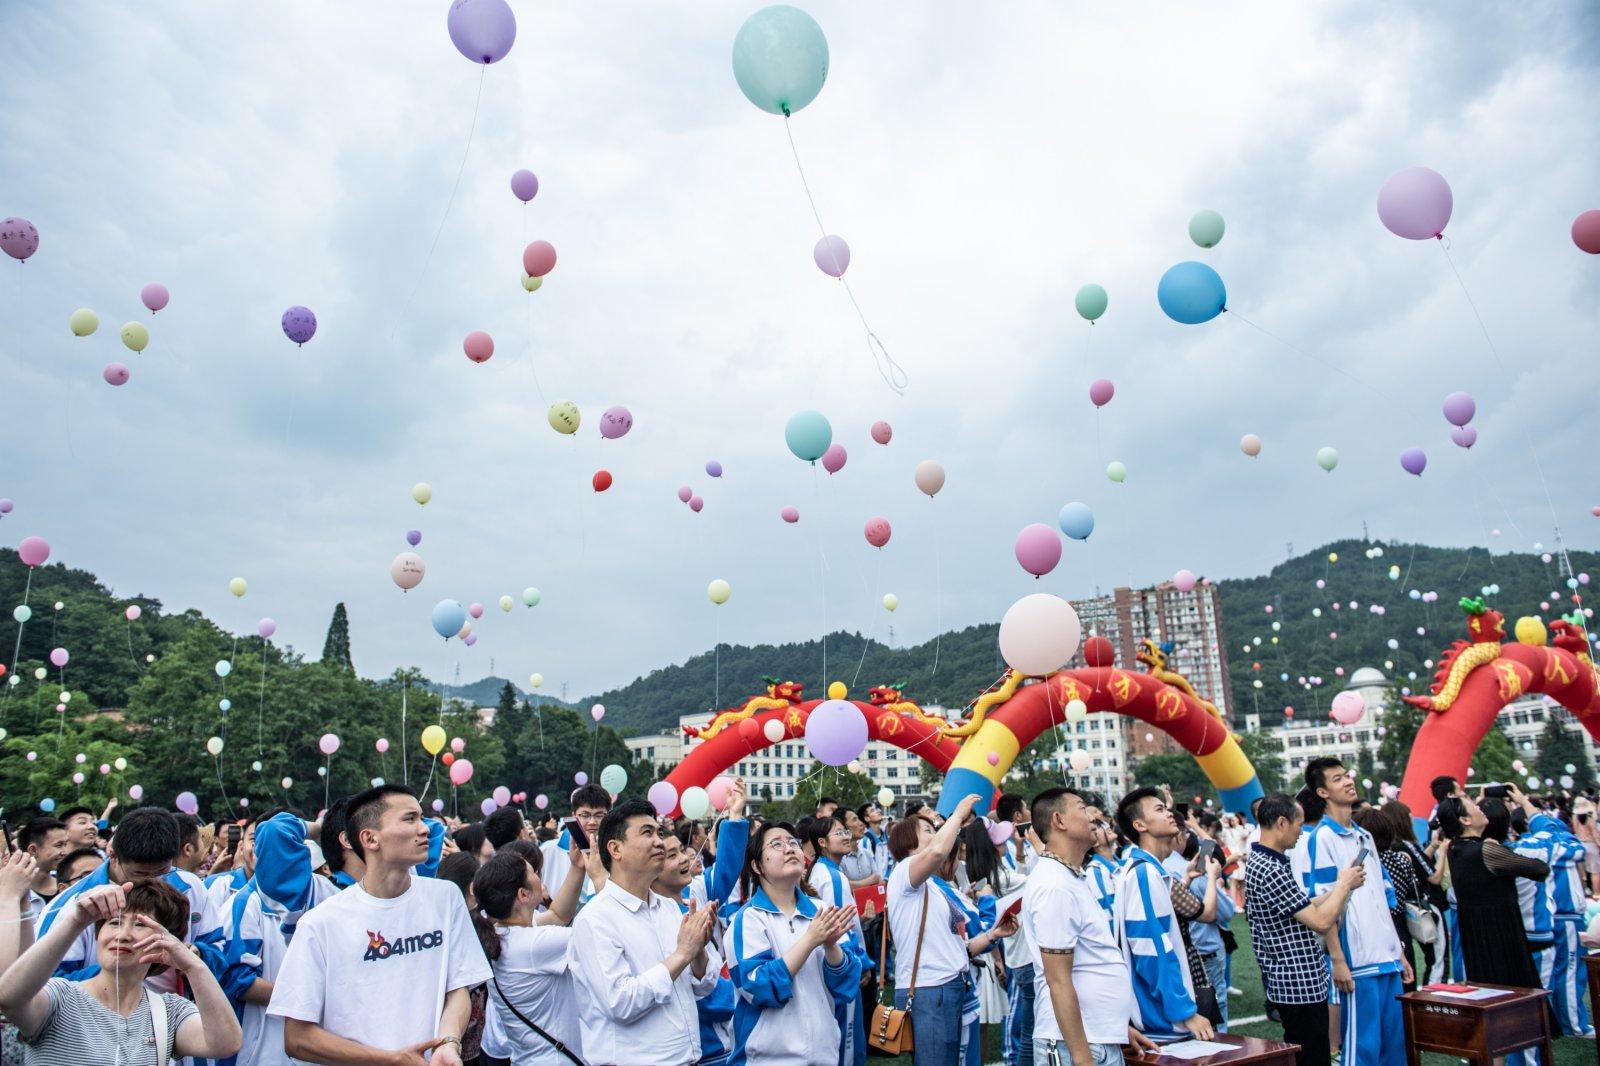 烏當中學高三學生放飛氣球。